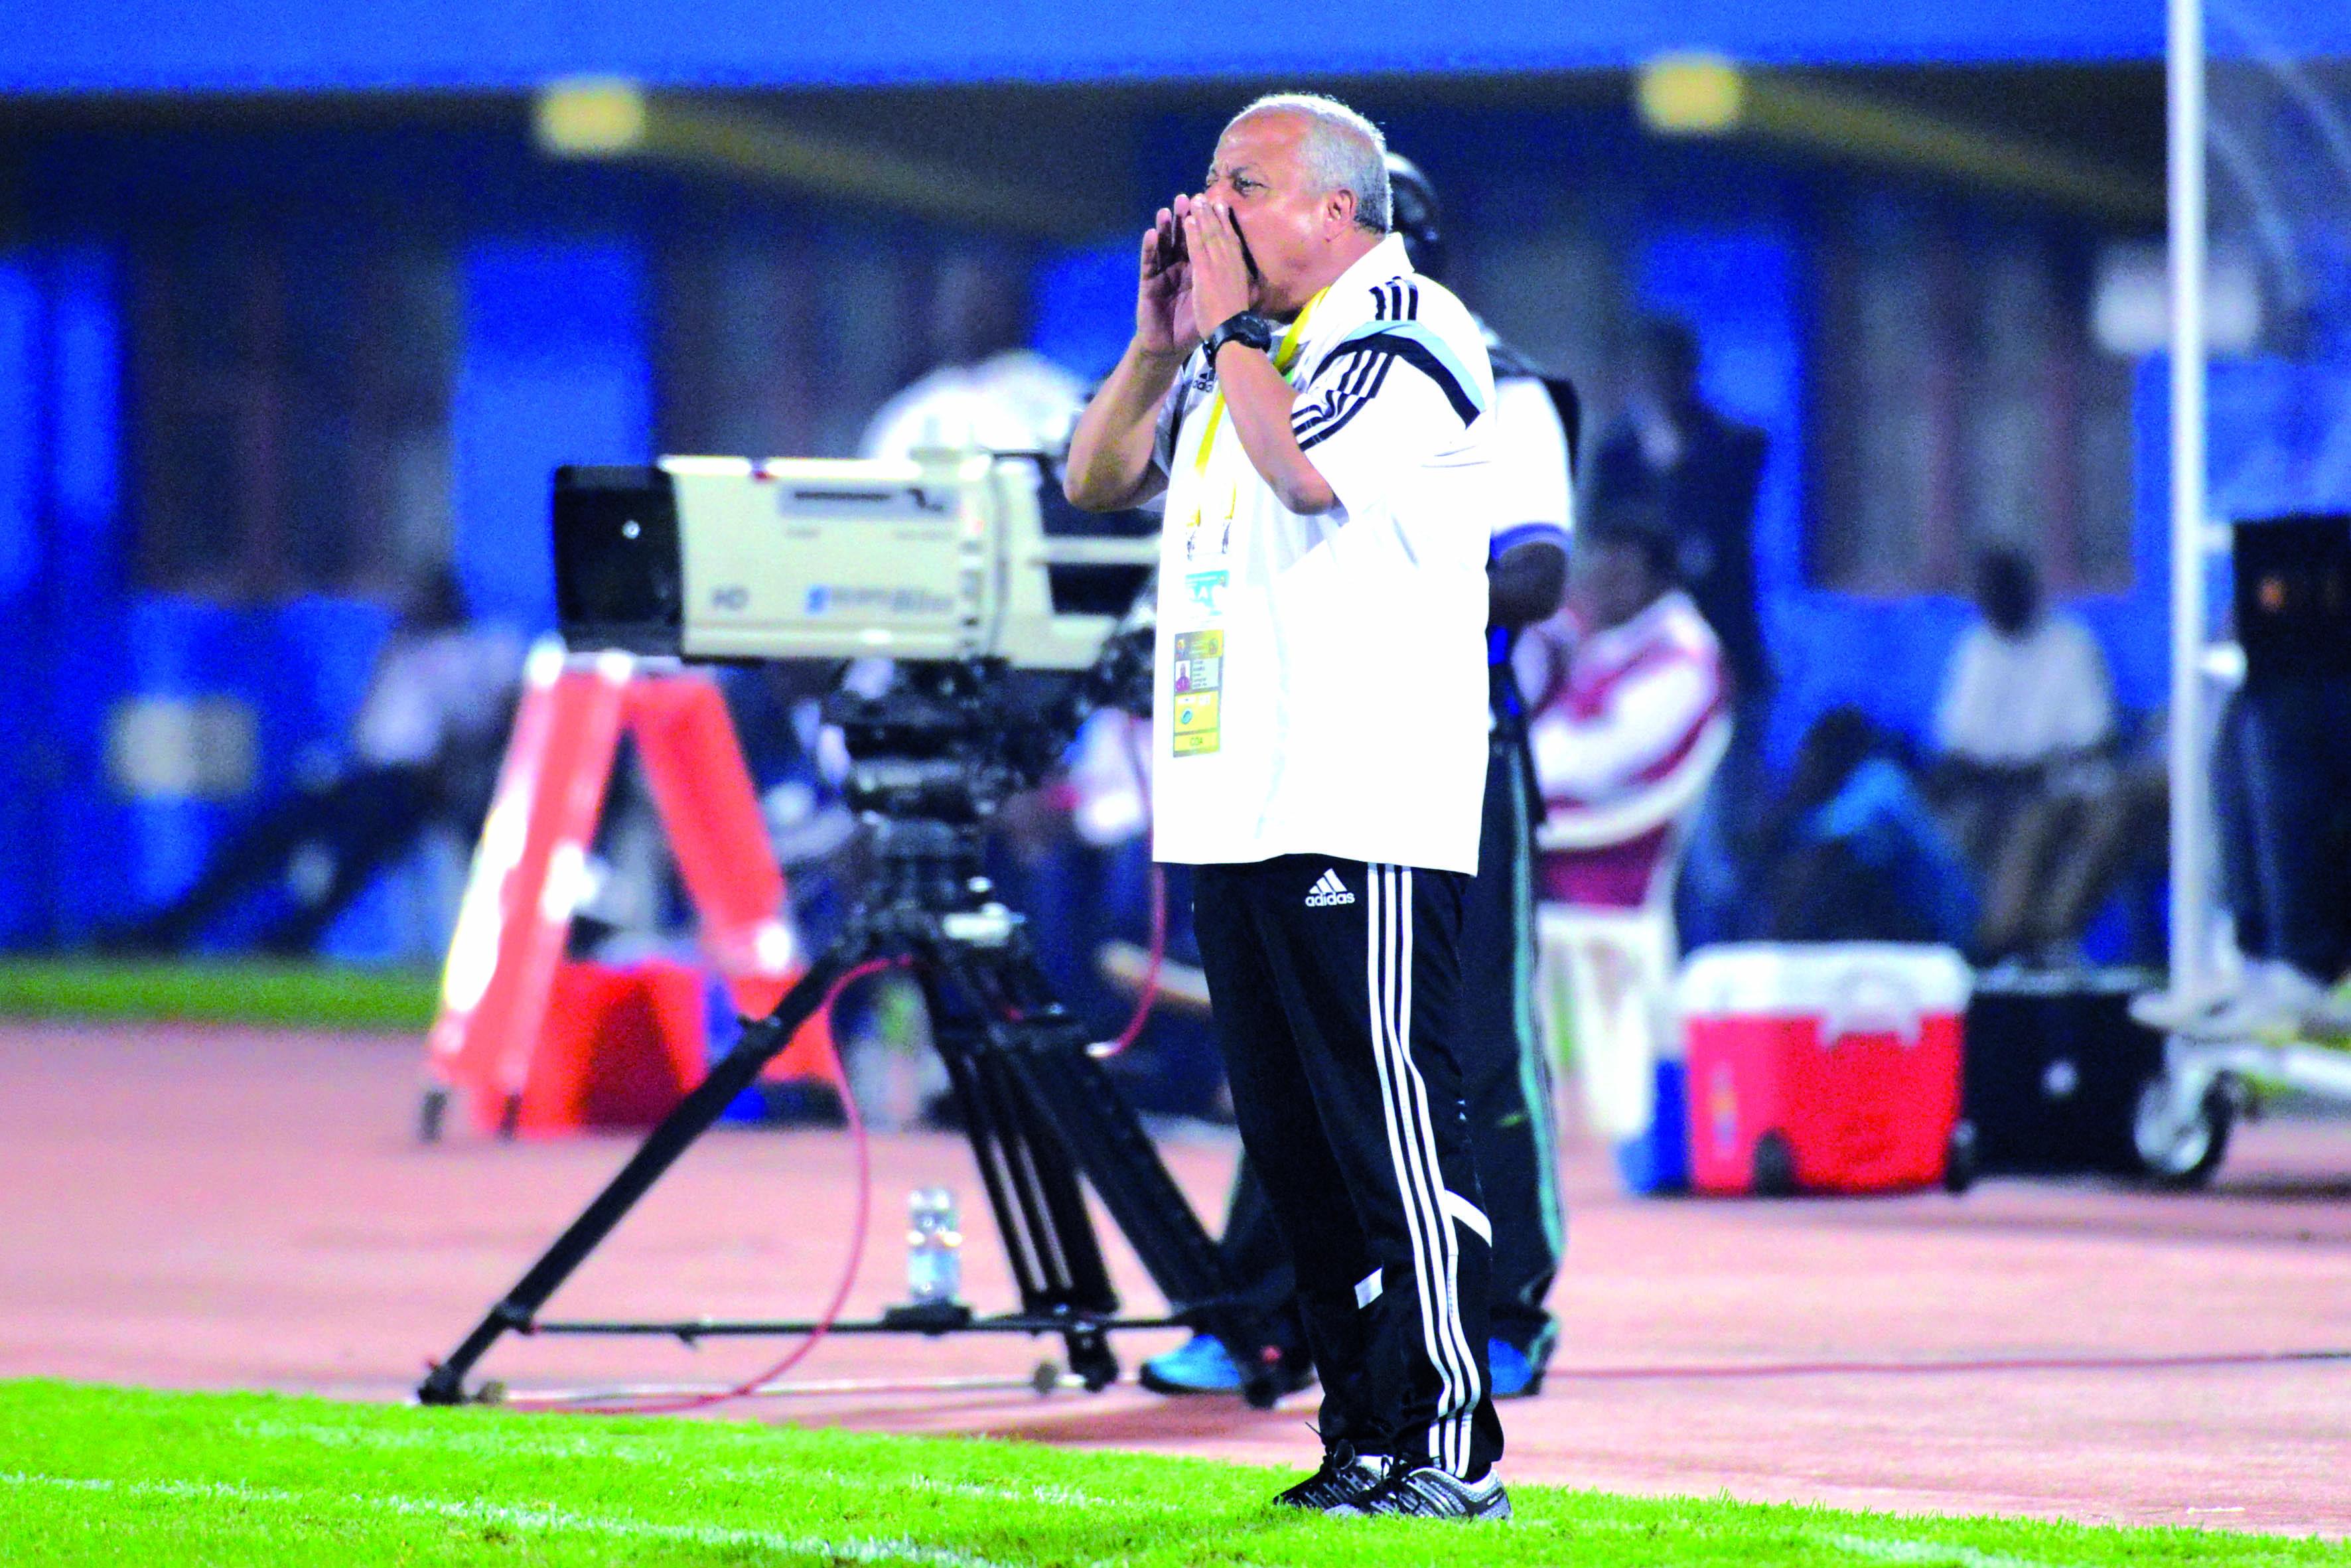 فاخر: «كرة القدم الوطنية بحاجة إلى تشريح حقيقي لمقارعة نظيرتها الإفريقية»